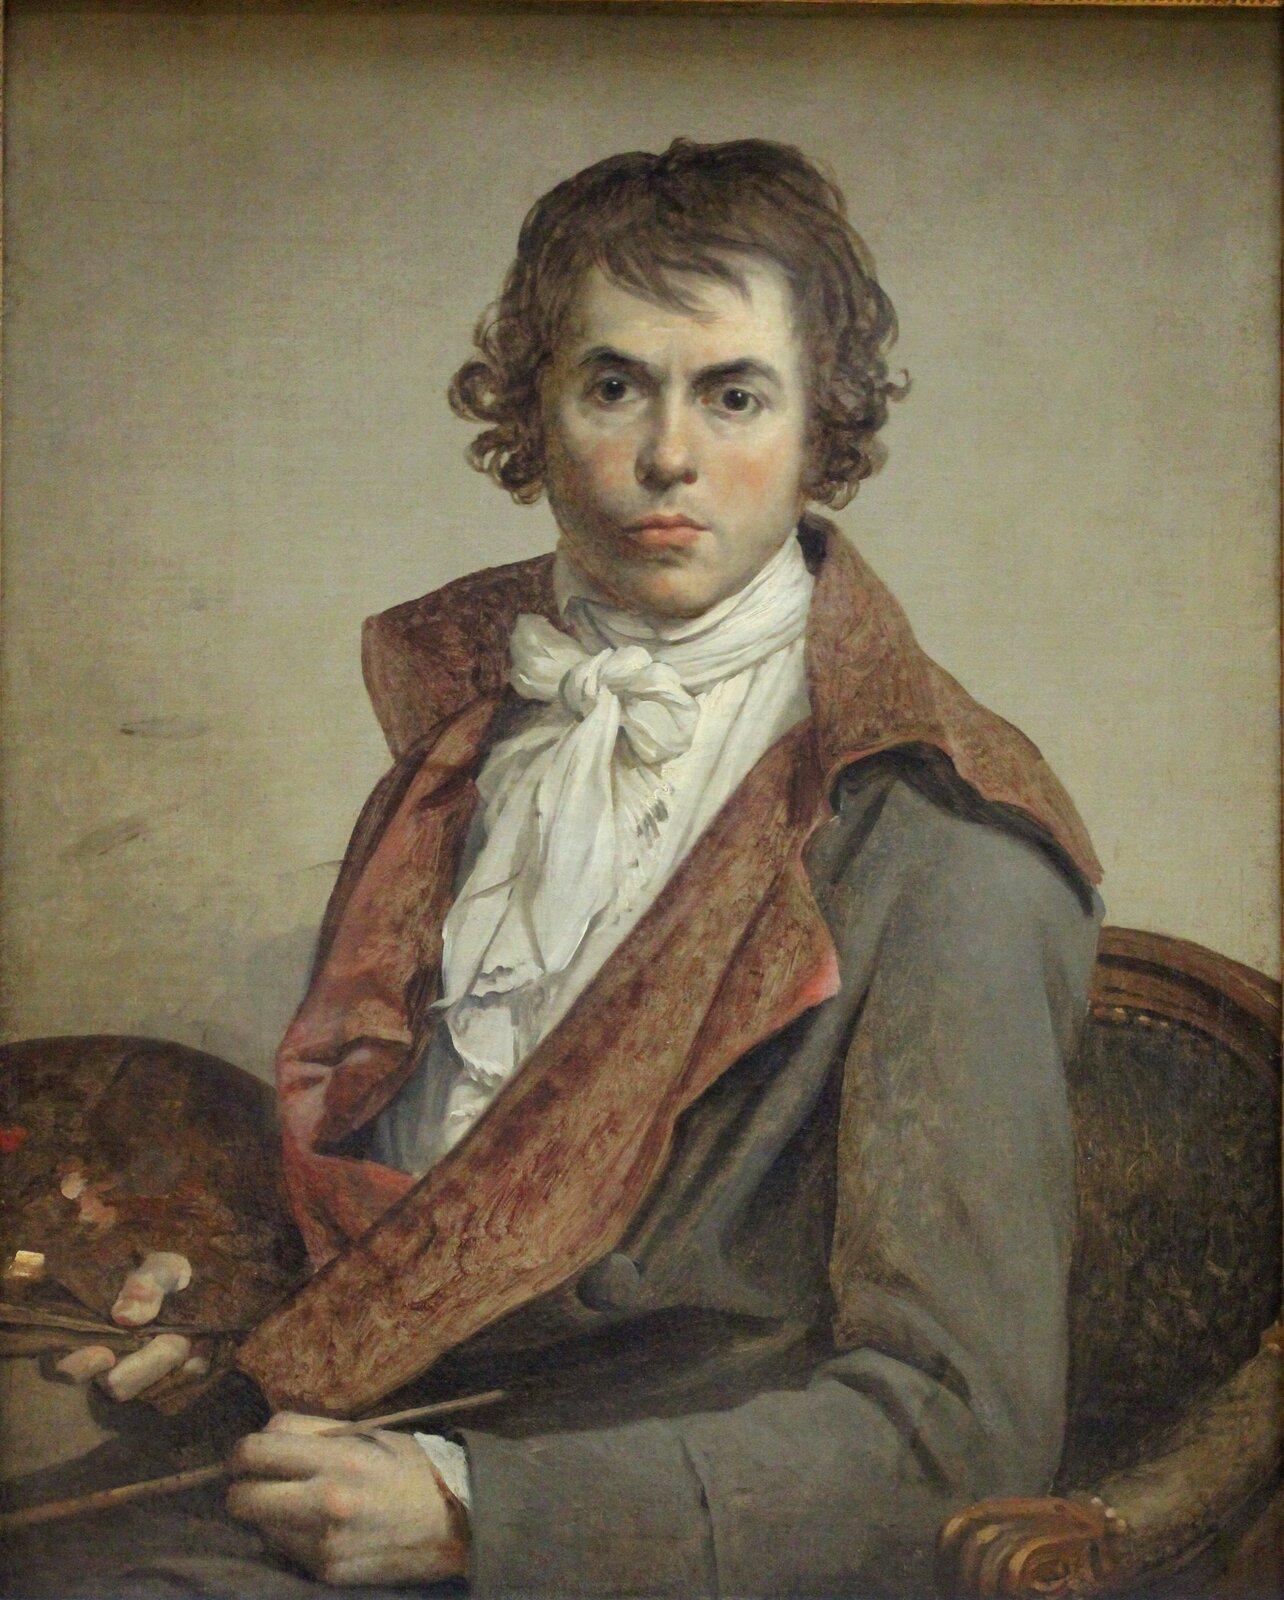 Autoportret Źródło: Jacques-Louis David, Autoportret, 1794, olej na płótnie, Luwr, domena publiczna.